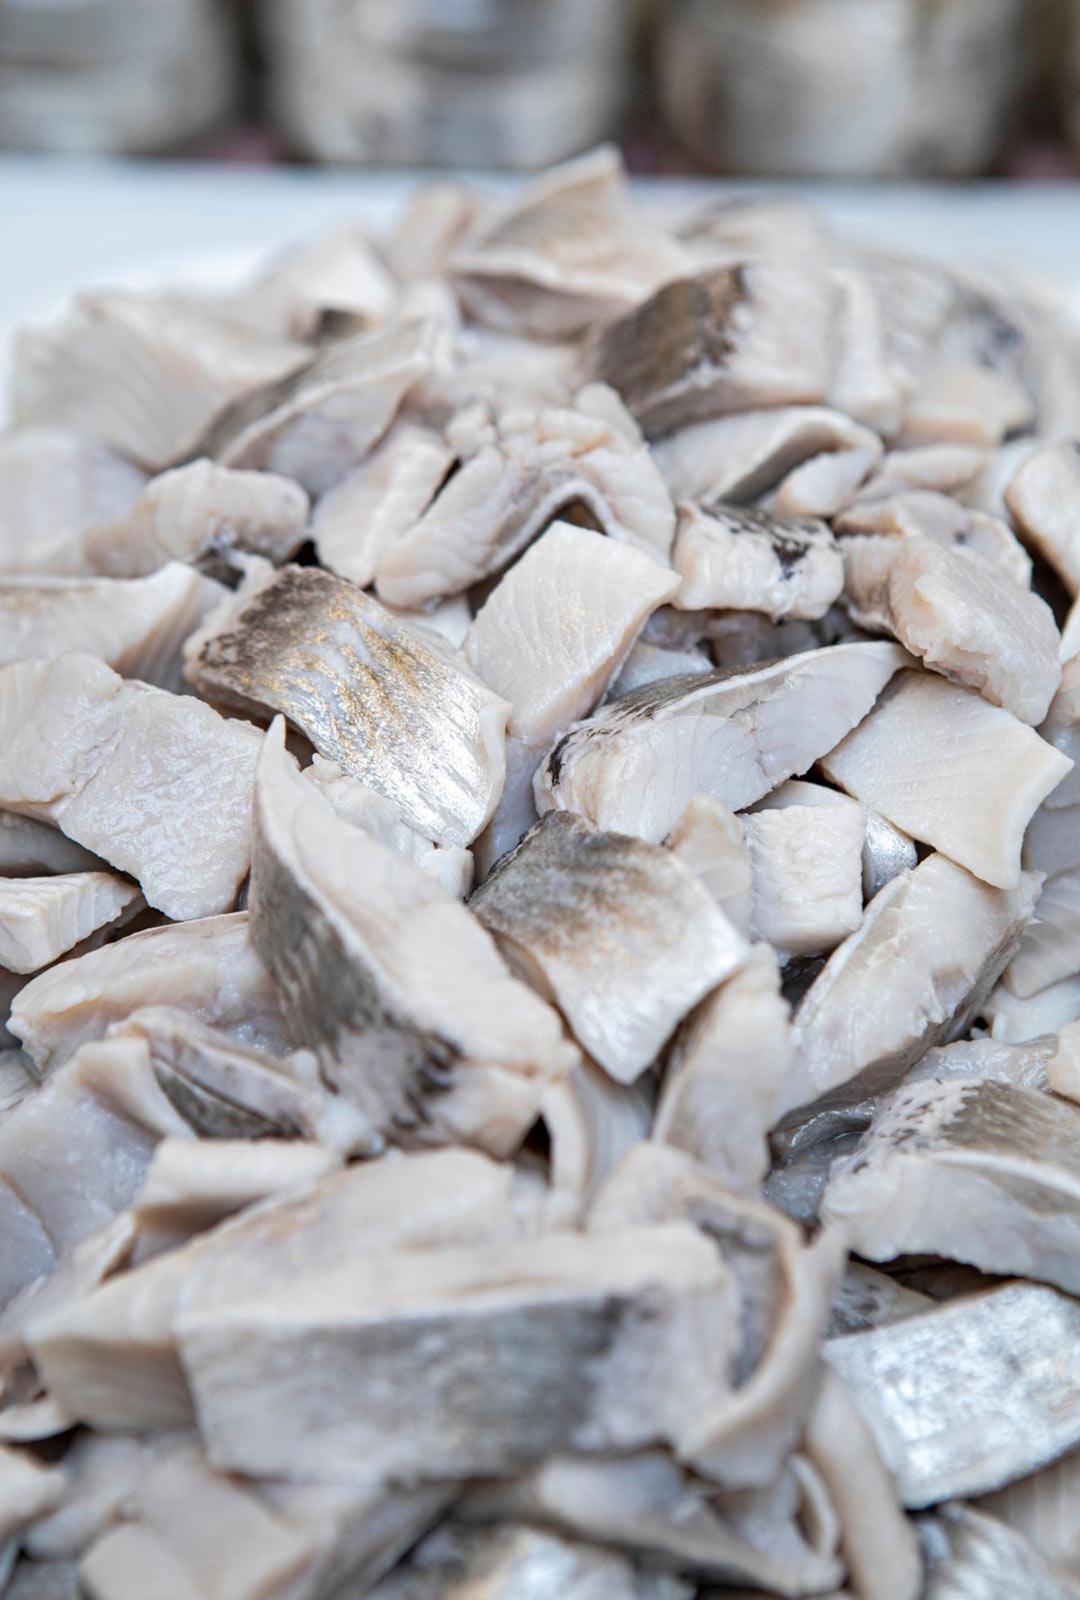 Lasilinjalla sillipalat, tuore sipuli ja muut mausteet asetellaan purkkiin käsin.